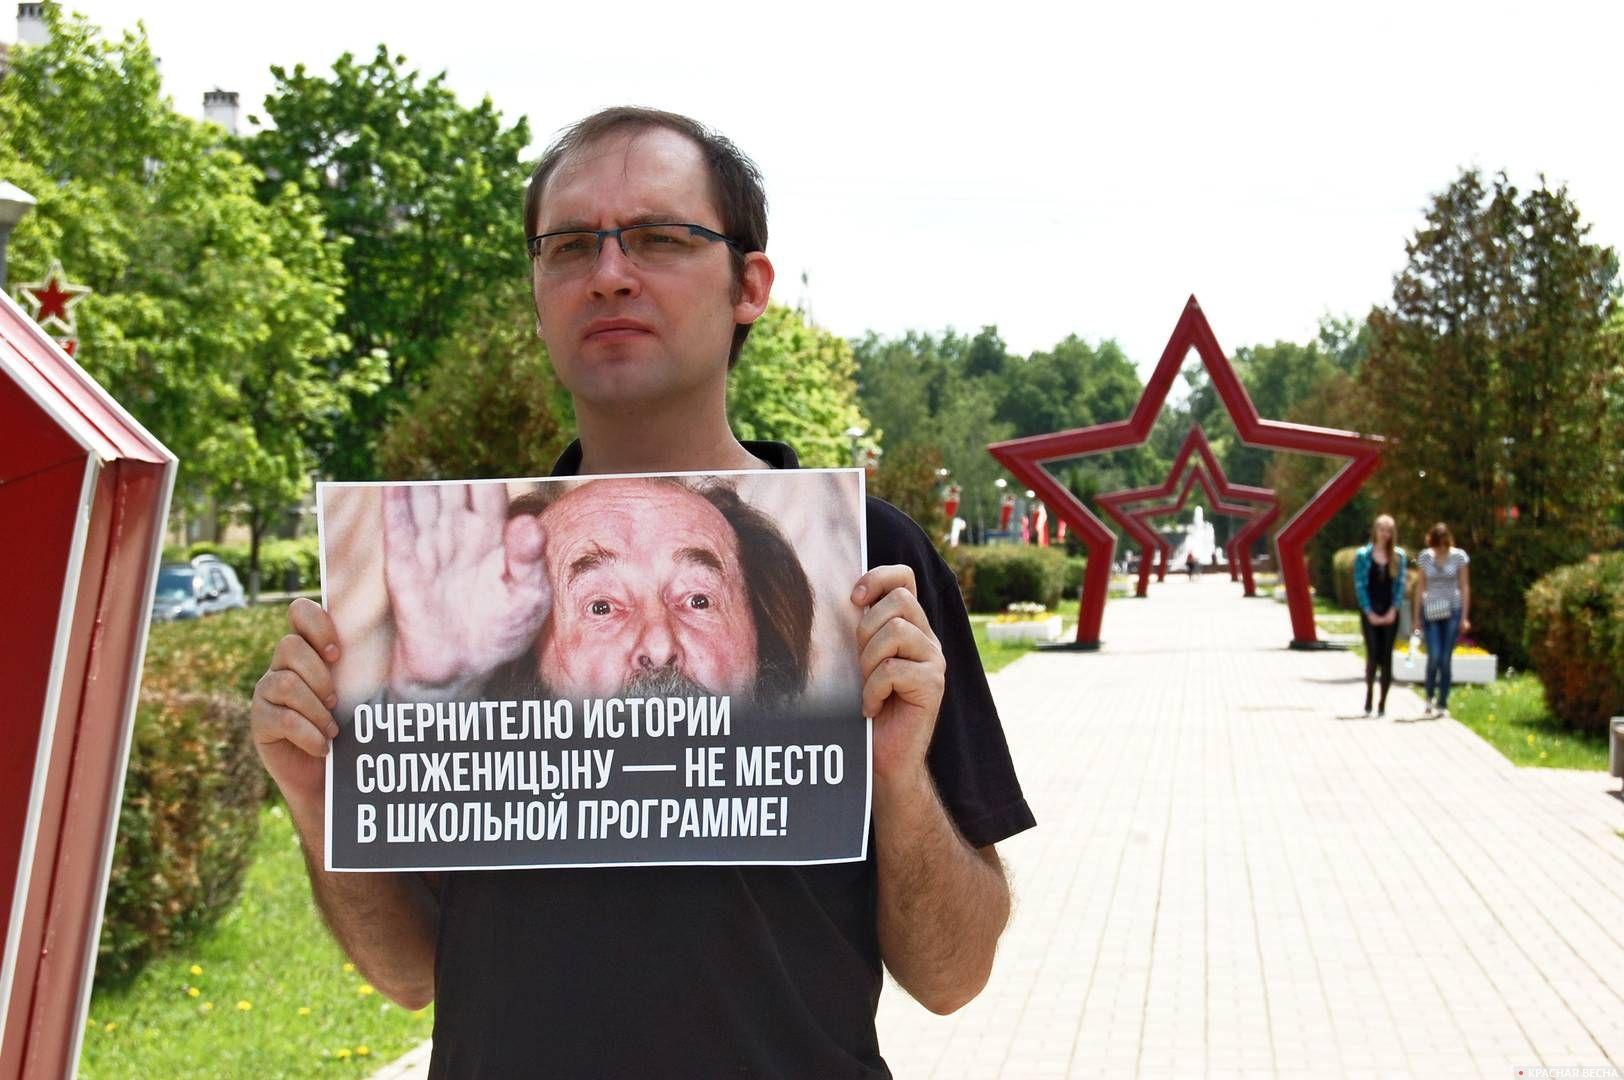 Интернет-акция против увековечивания памяти Александра Солженицына в Обнинске